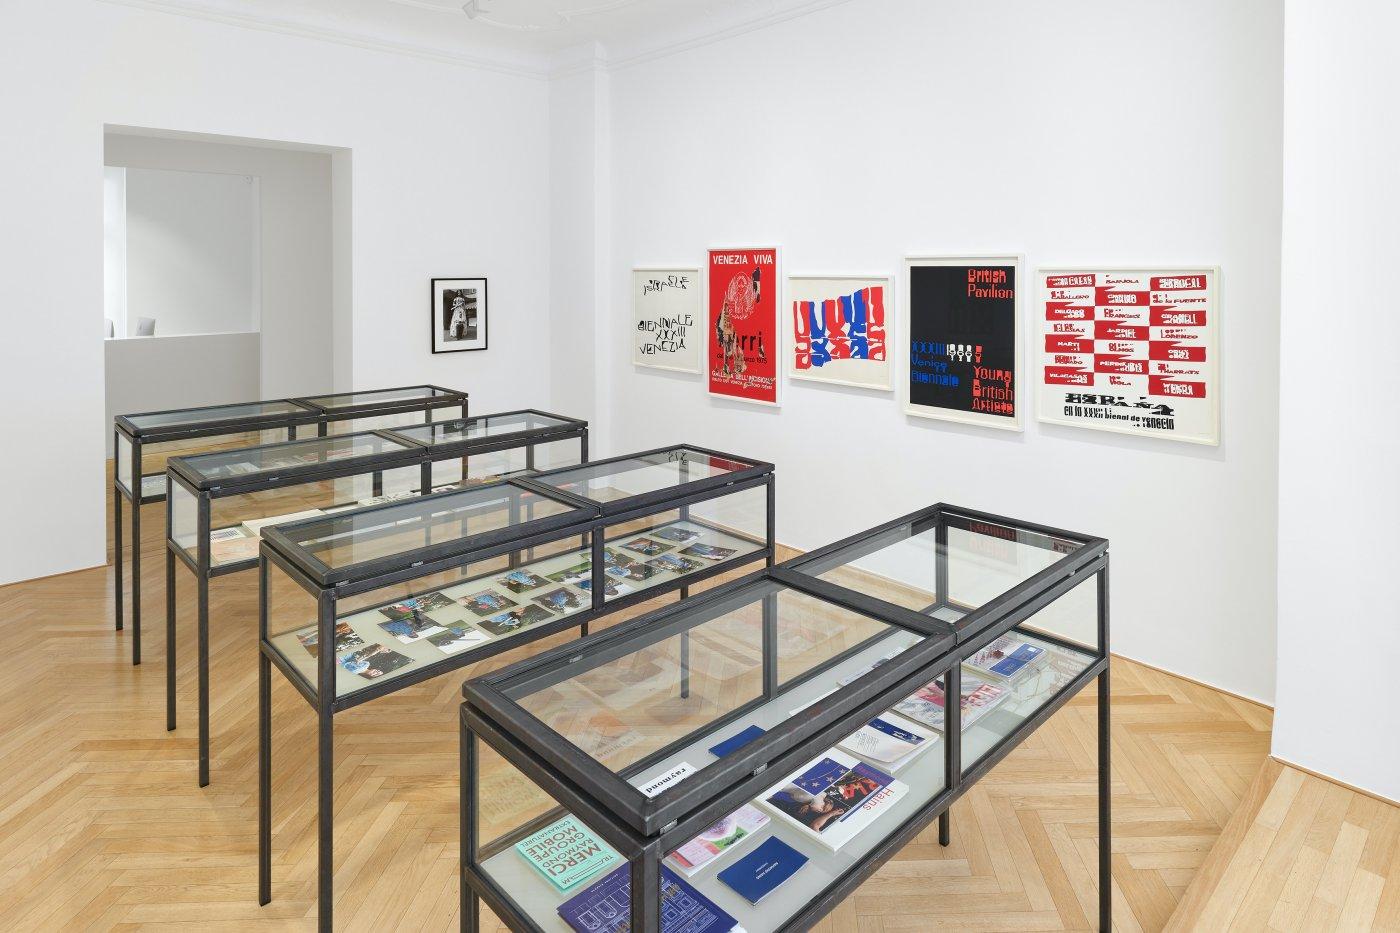 Galerie Max Hetzler Bleibtreustr Raymond Hains 5